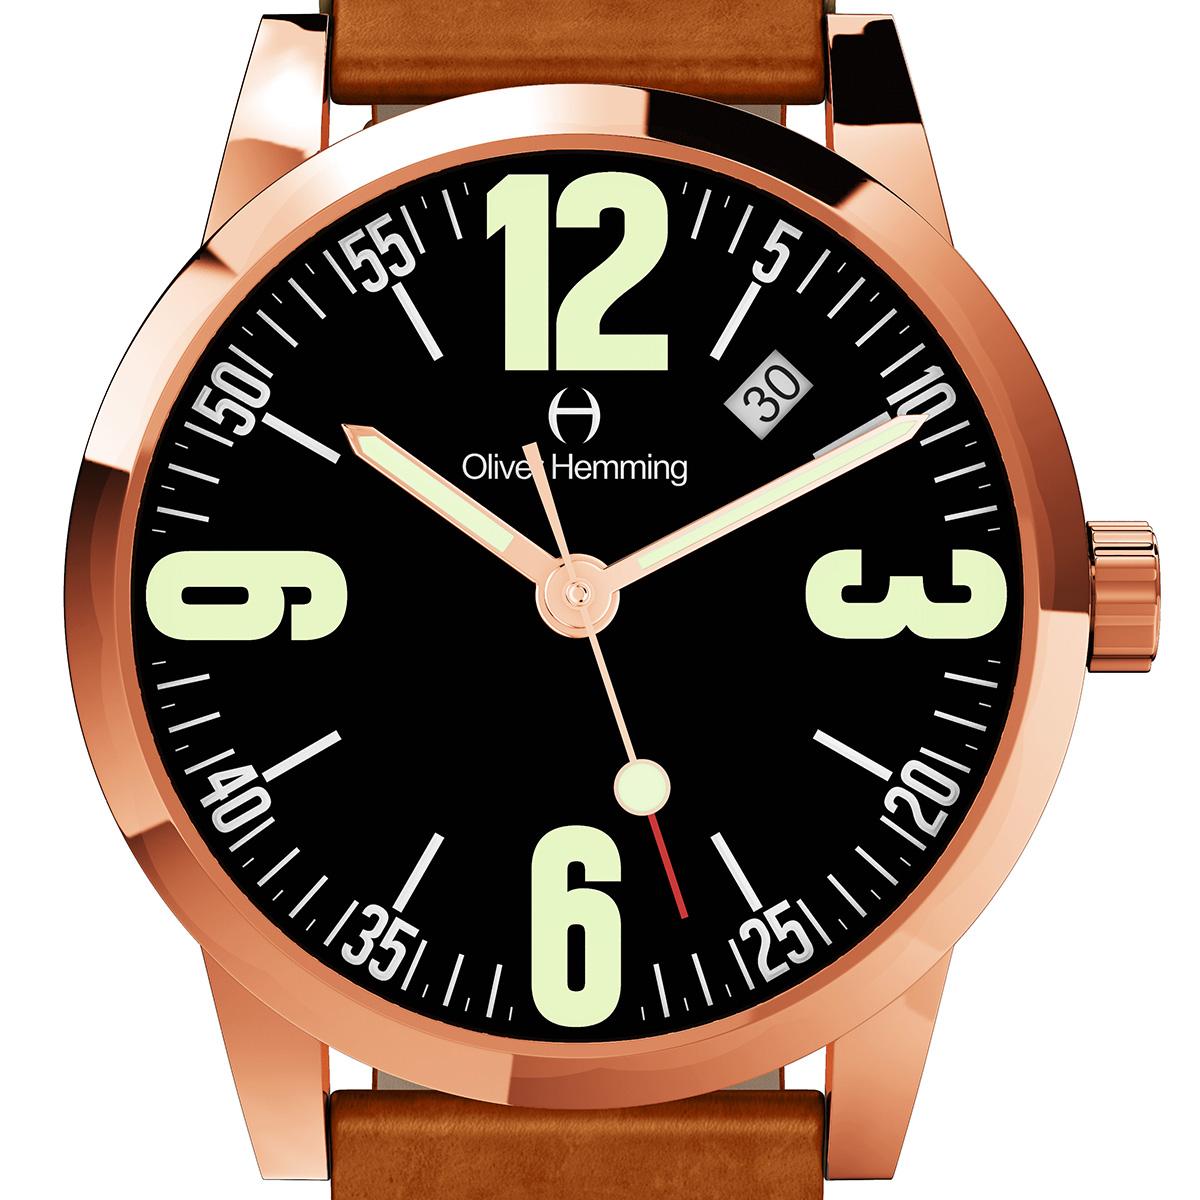 【残り1点】Oliver Hemming オリバーヘミング クォーツ 腕時計 イギリス アート デザイン [WT17R66BVT] 正規代理店品 純正ケース メーカー保証